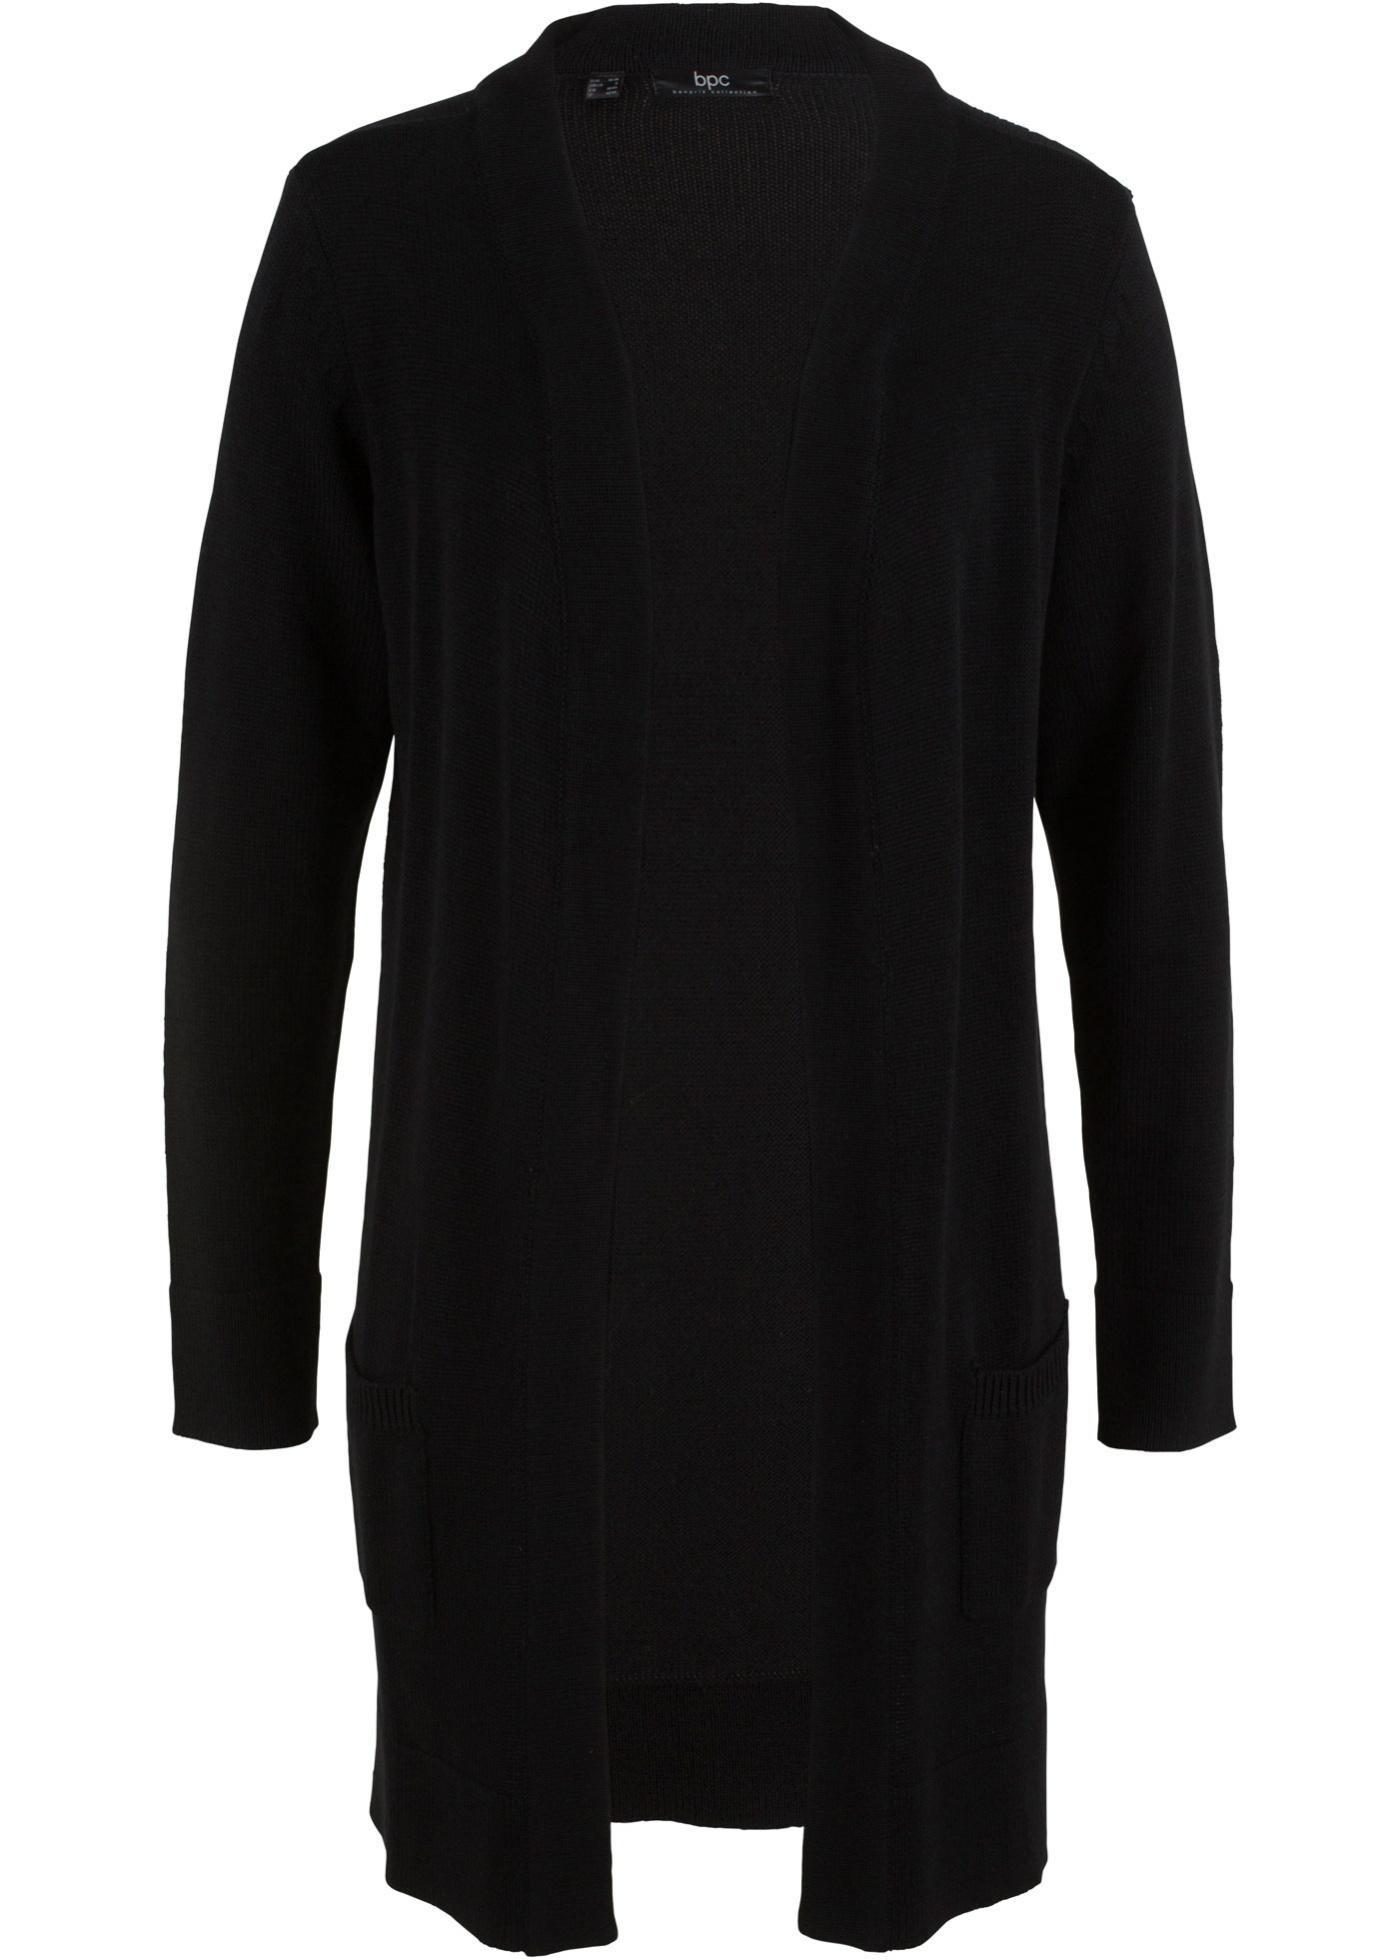 Dlouhý pletený kabátek, dlouhý rukáv - Černá